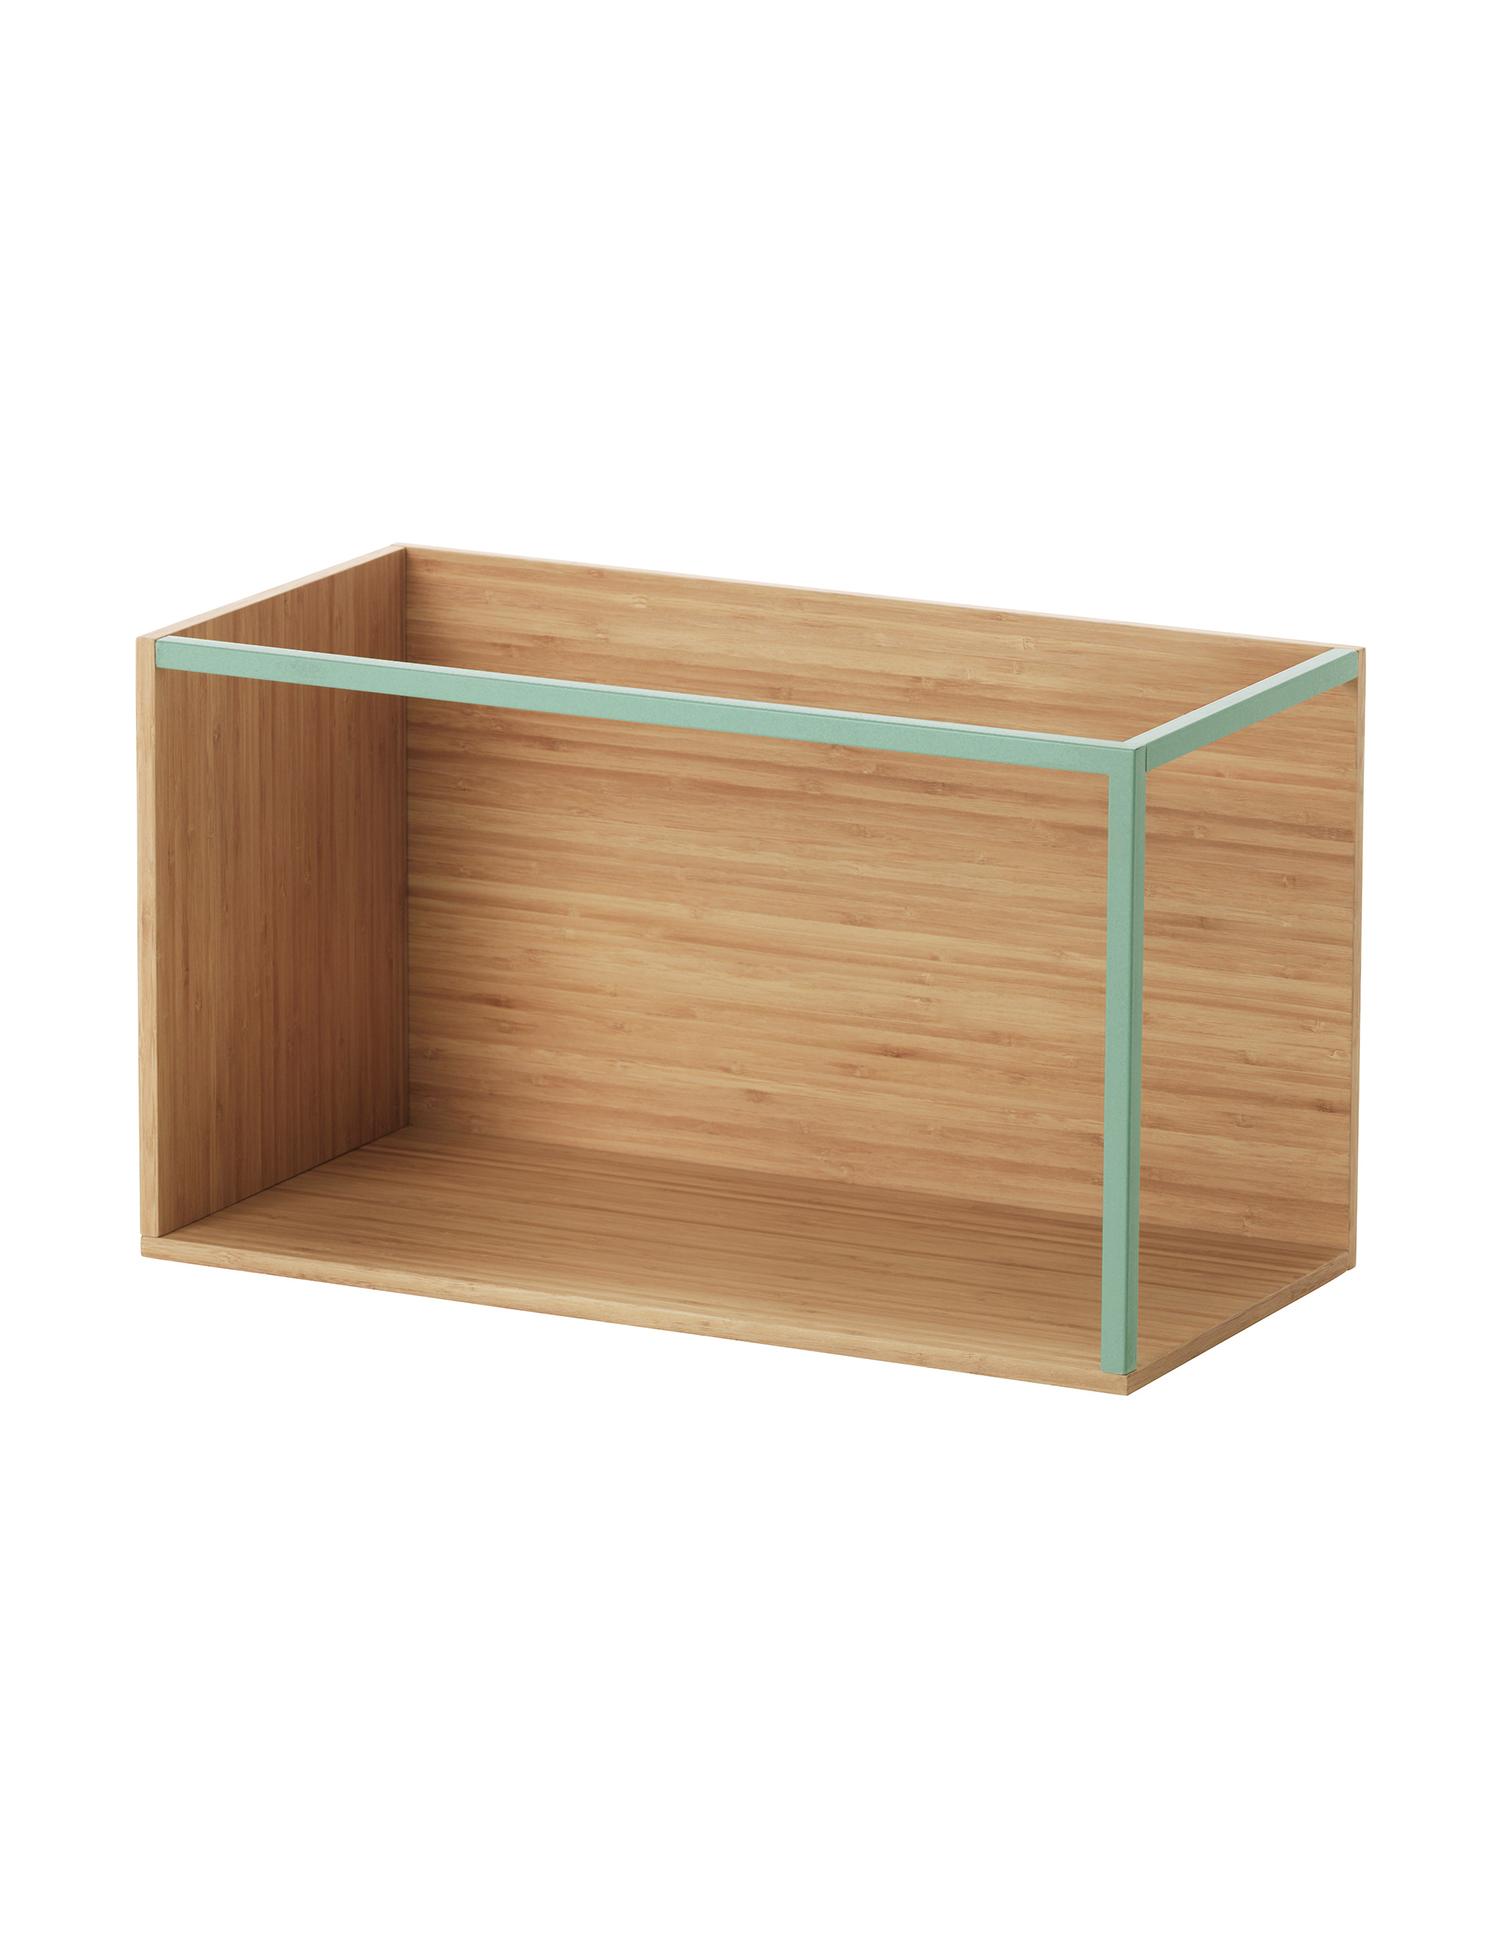 module de rangement bureau maison design. Black Bedroom Furniture Sets. Home Design Ideas